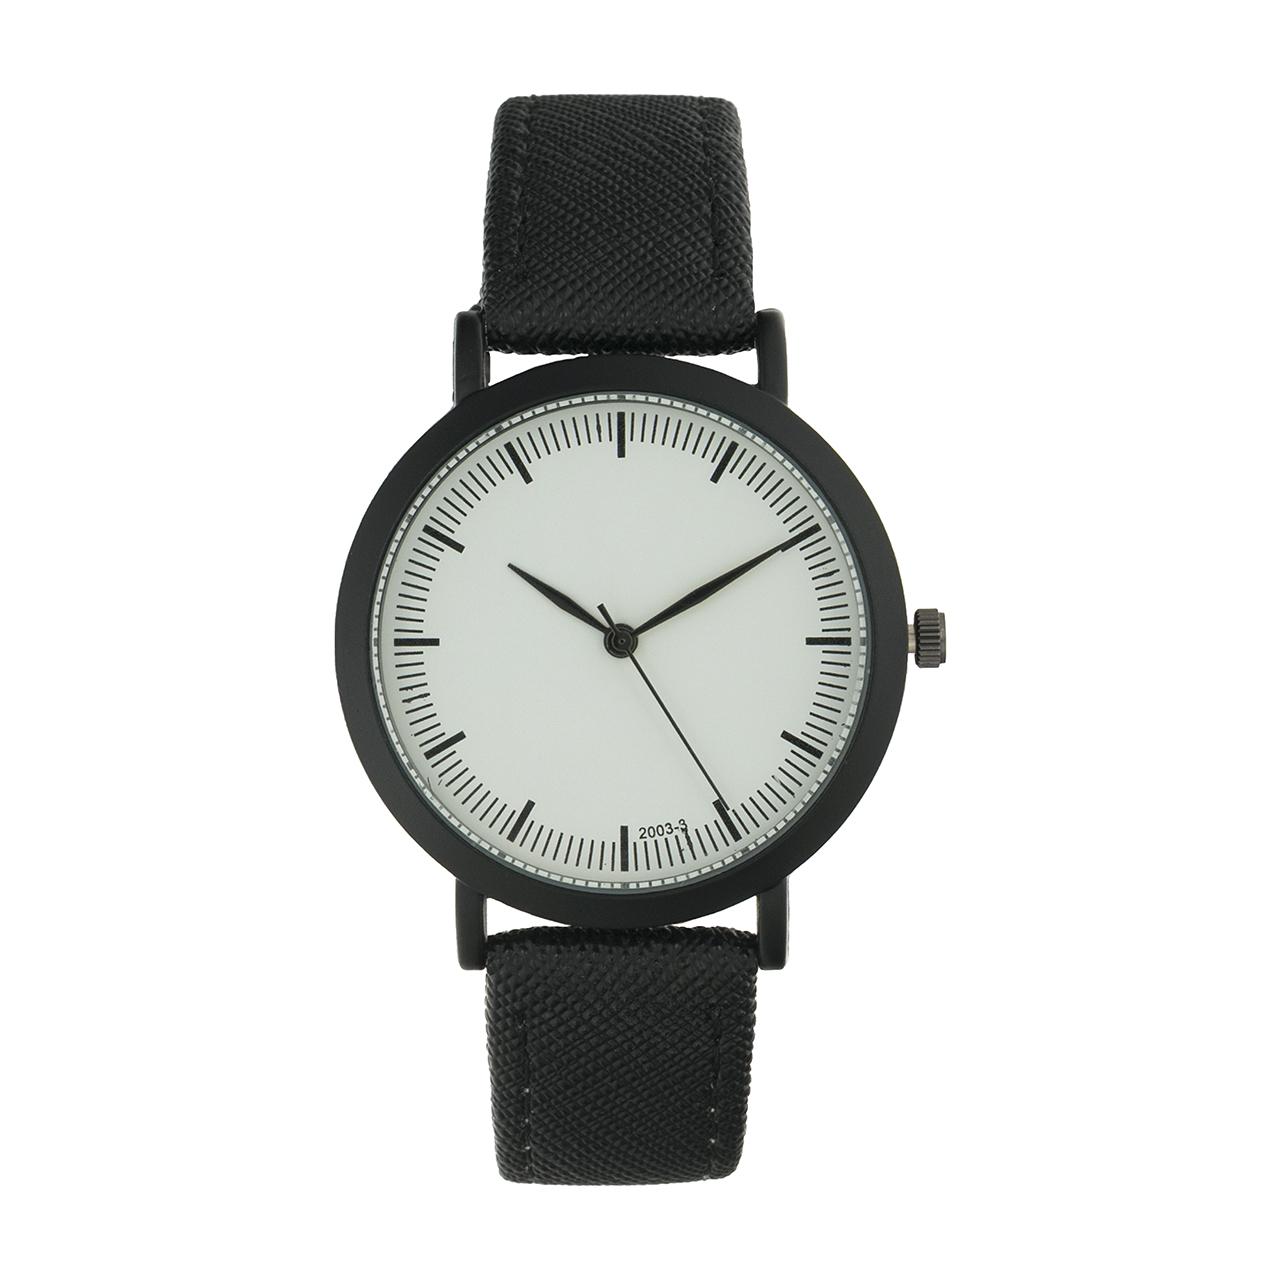 ساعت مچی عقربه ای مردانه دی کای هانگ مدل D290-5